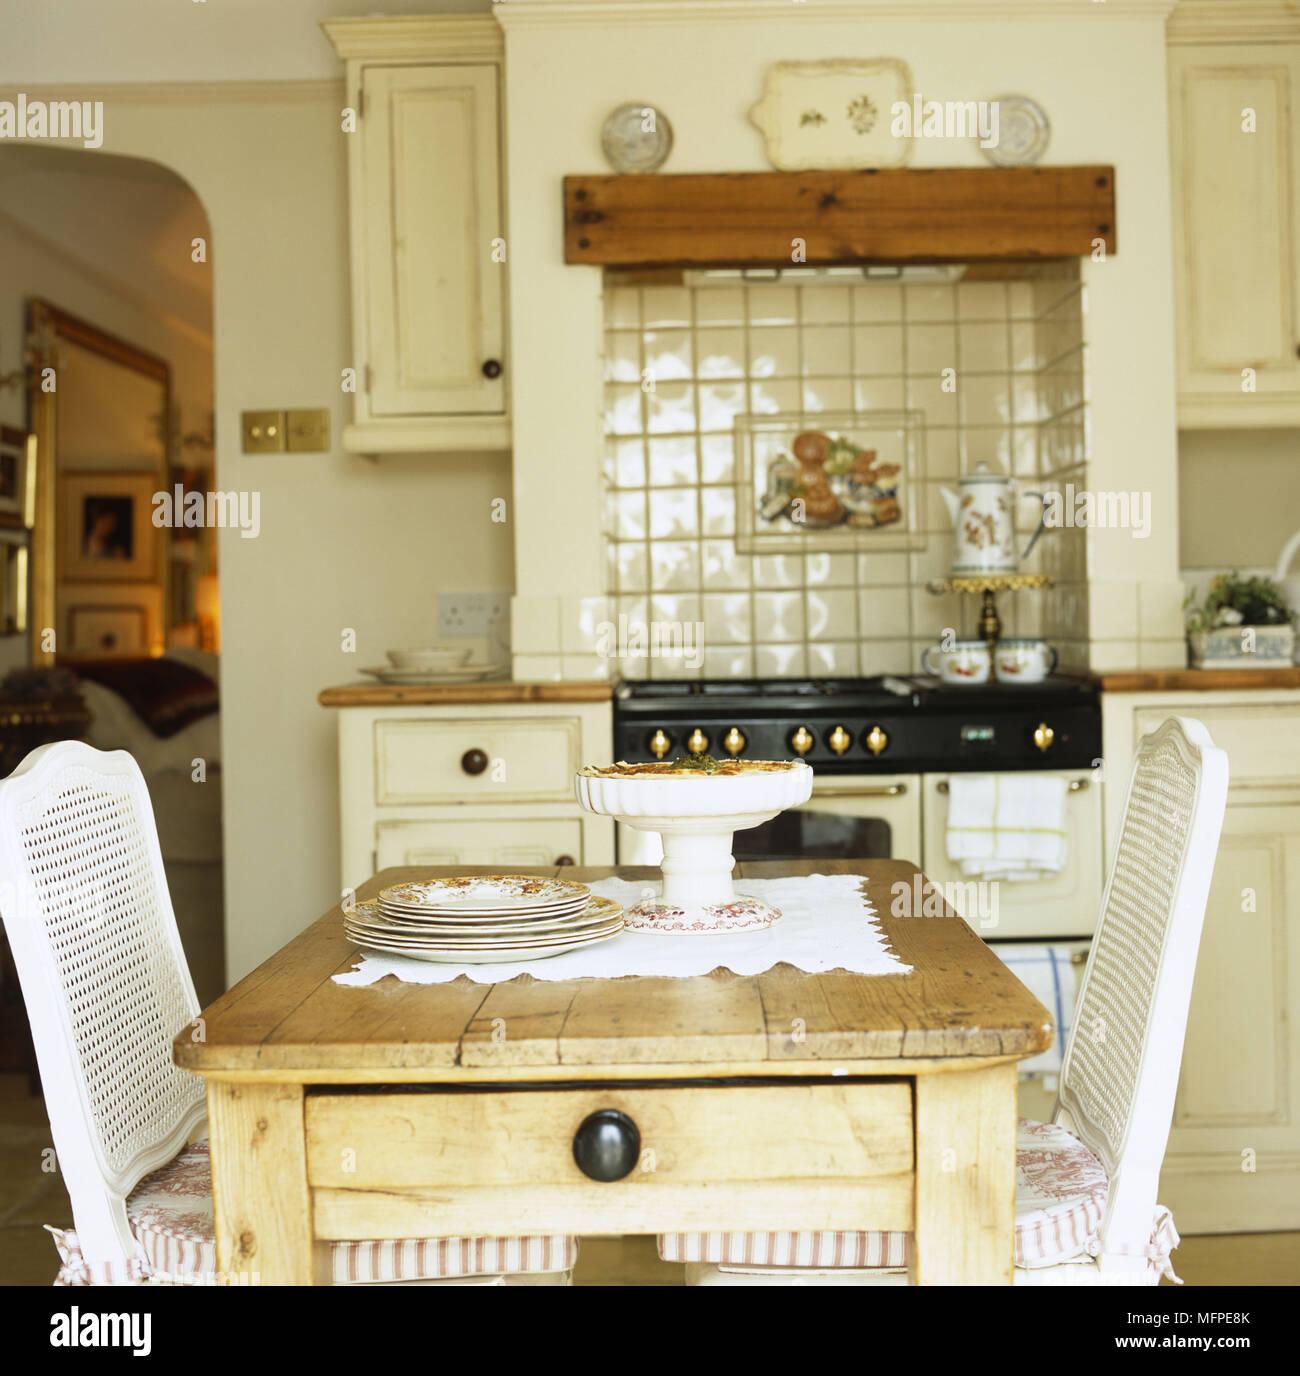 Eine Traditionelle Rustikale Kuche Tisch Mit Zwei Weissen Stuhlen